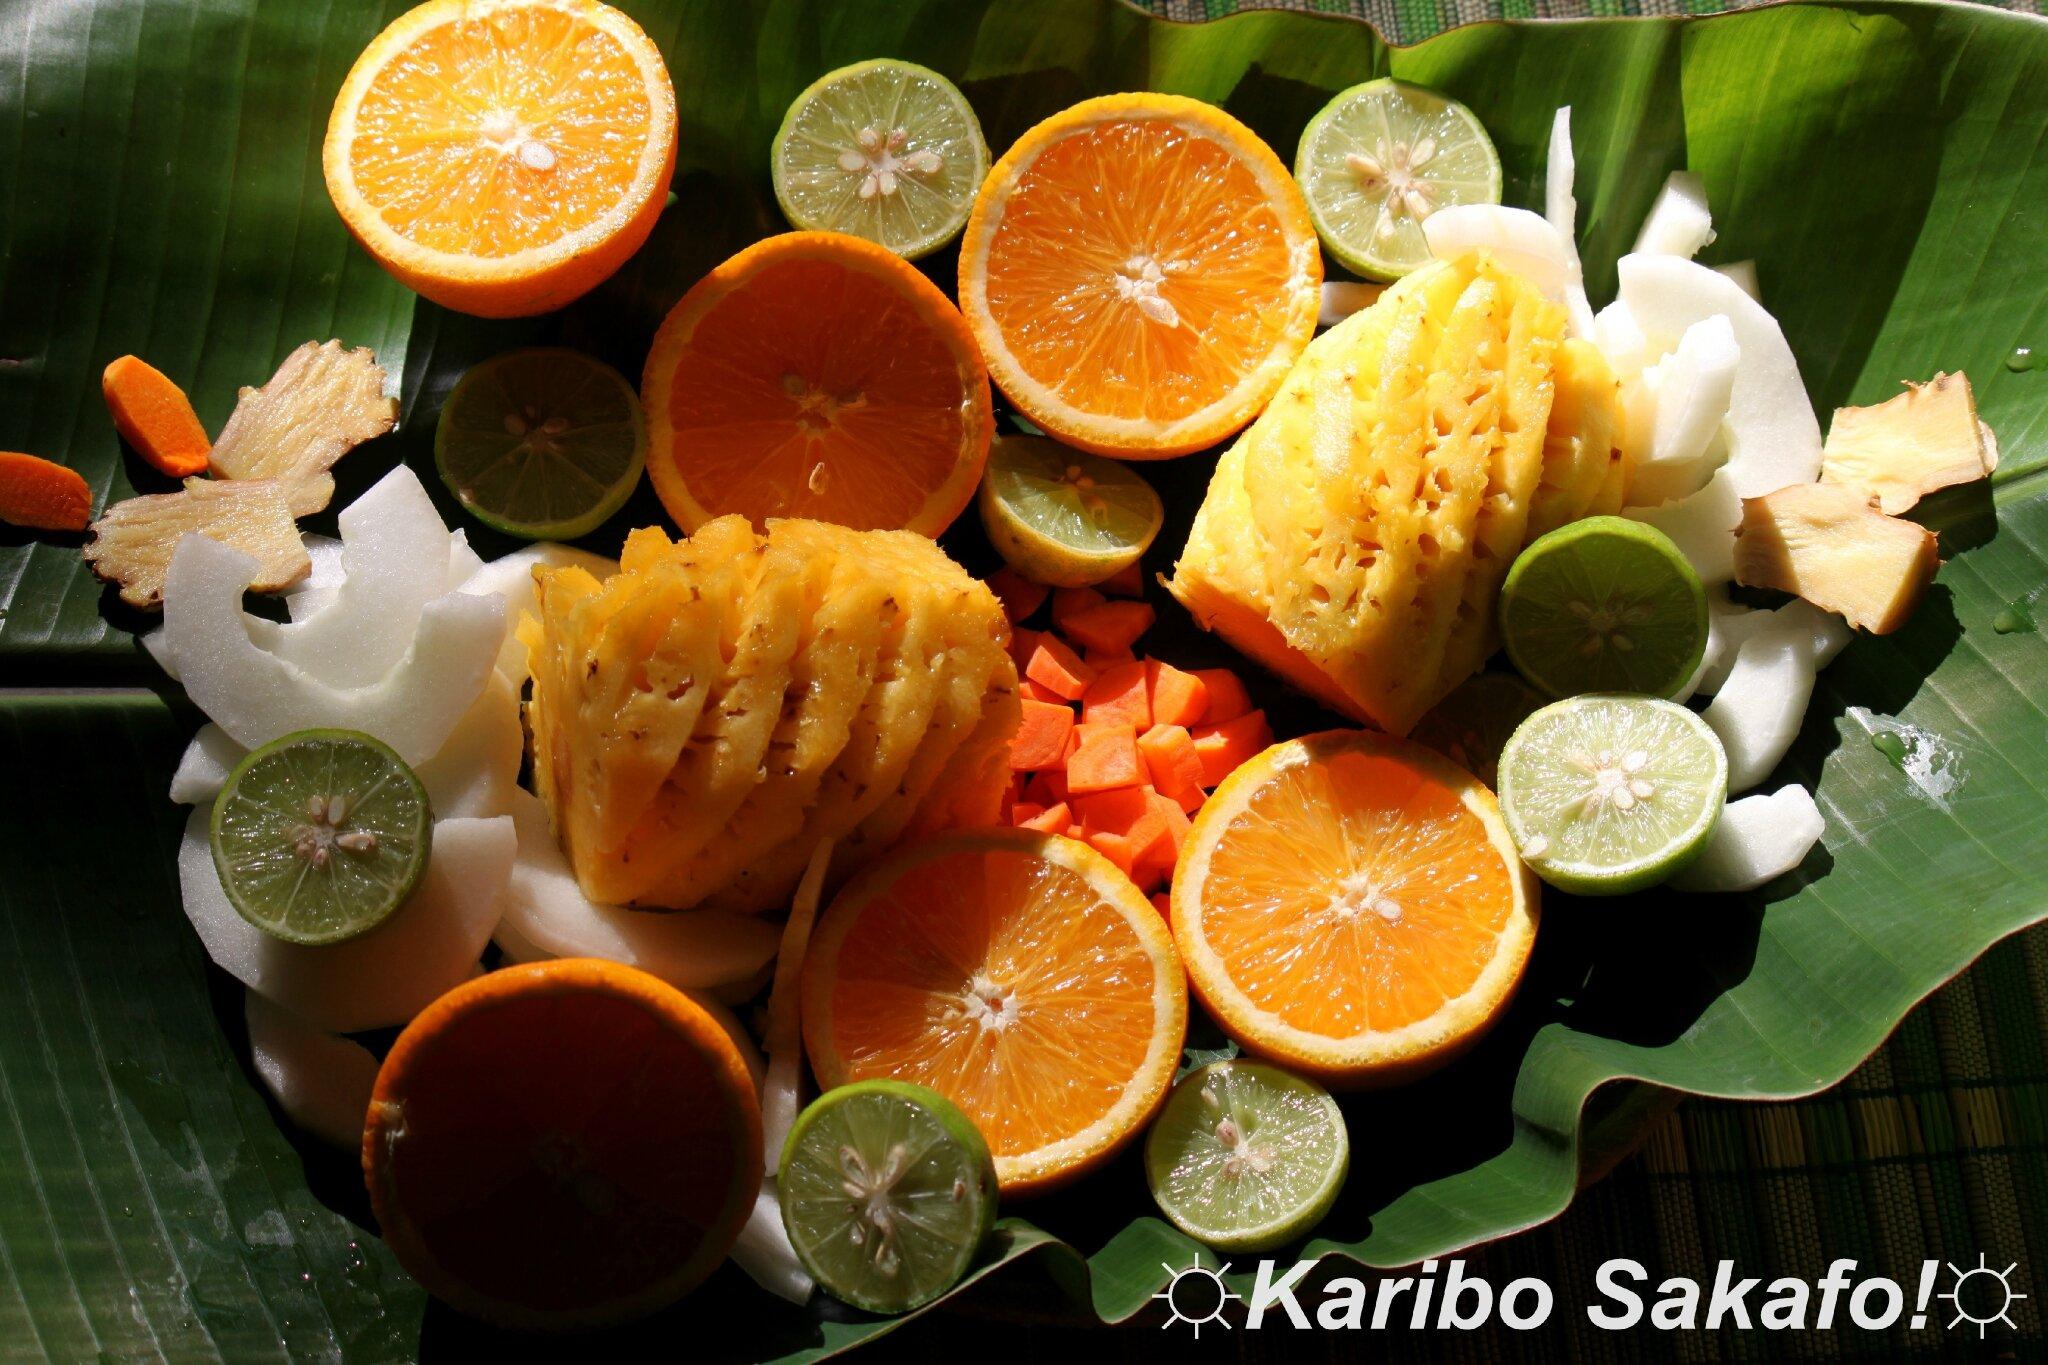 Jus de fruits et légumes maison vitaminé